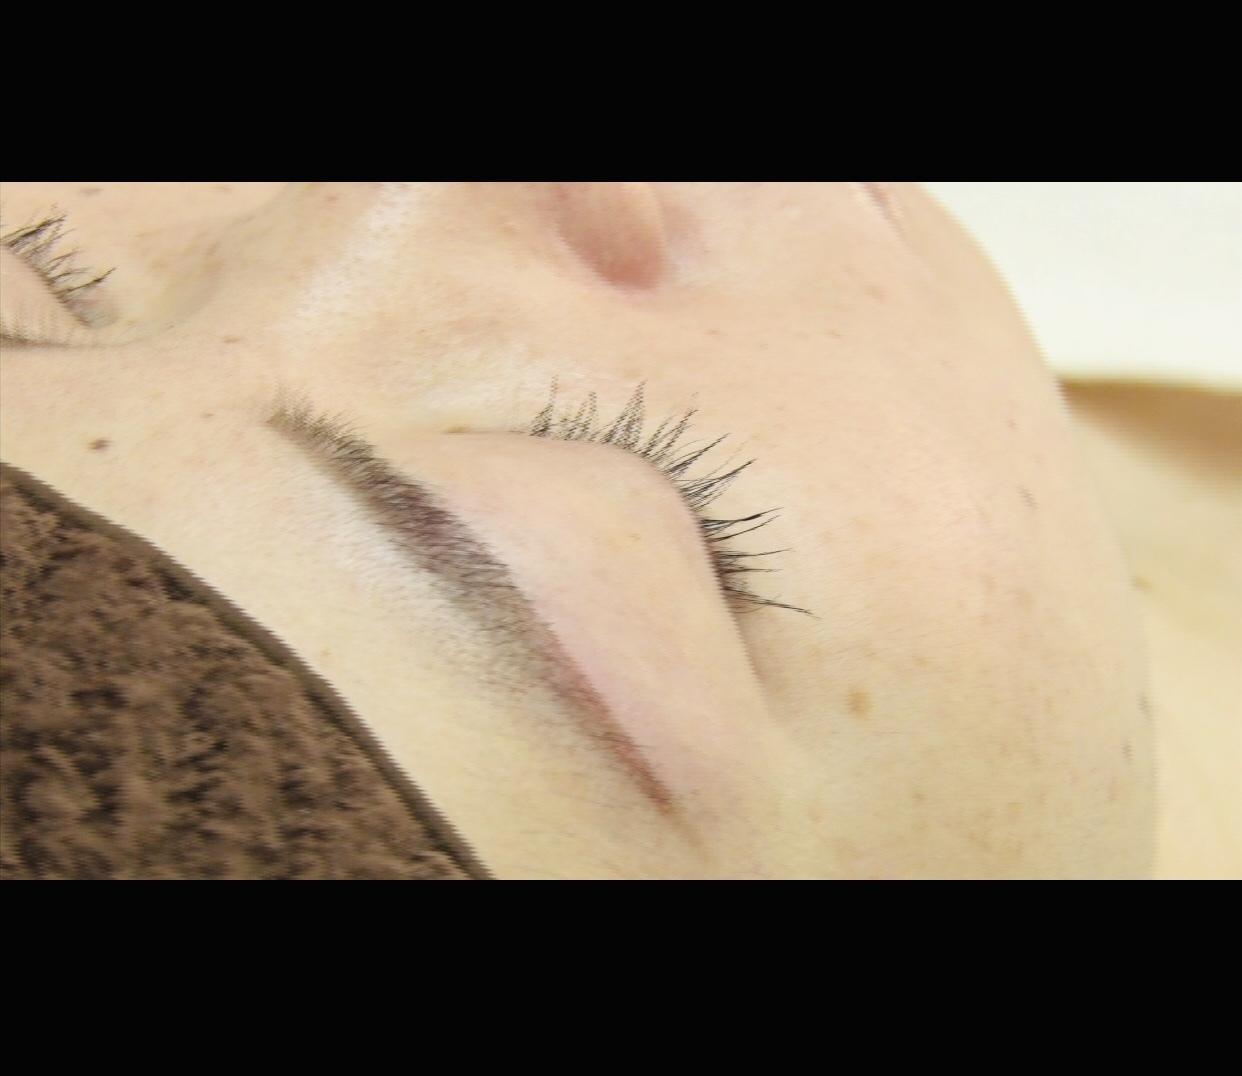 ★キット付き★30分で学べる!眉毛エクステ&ワックス動画